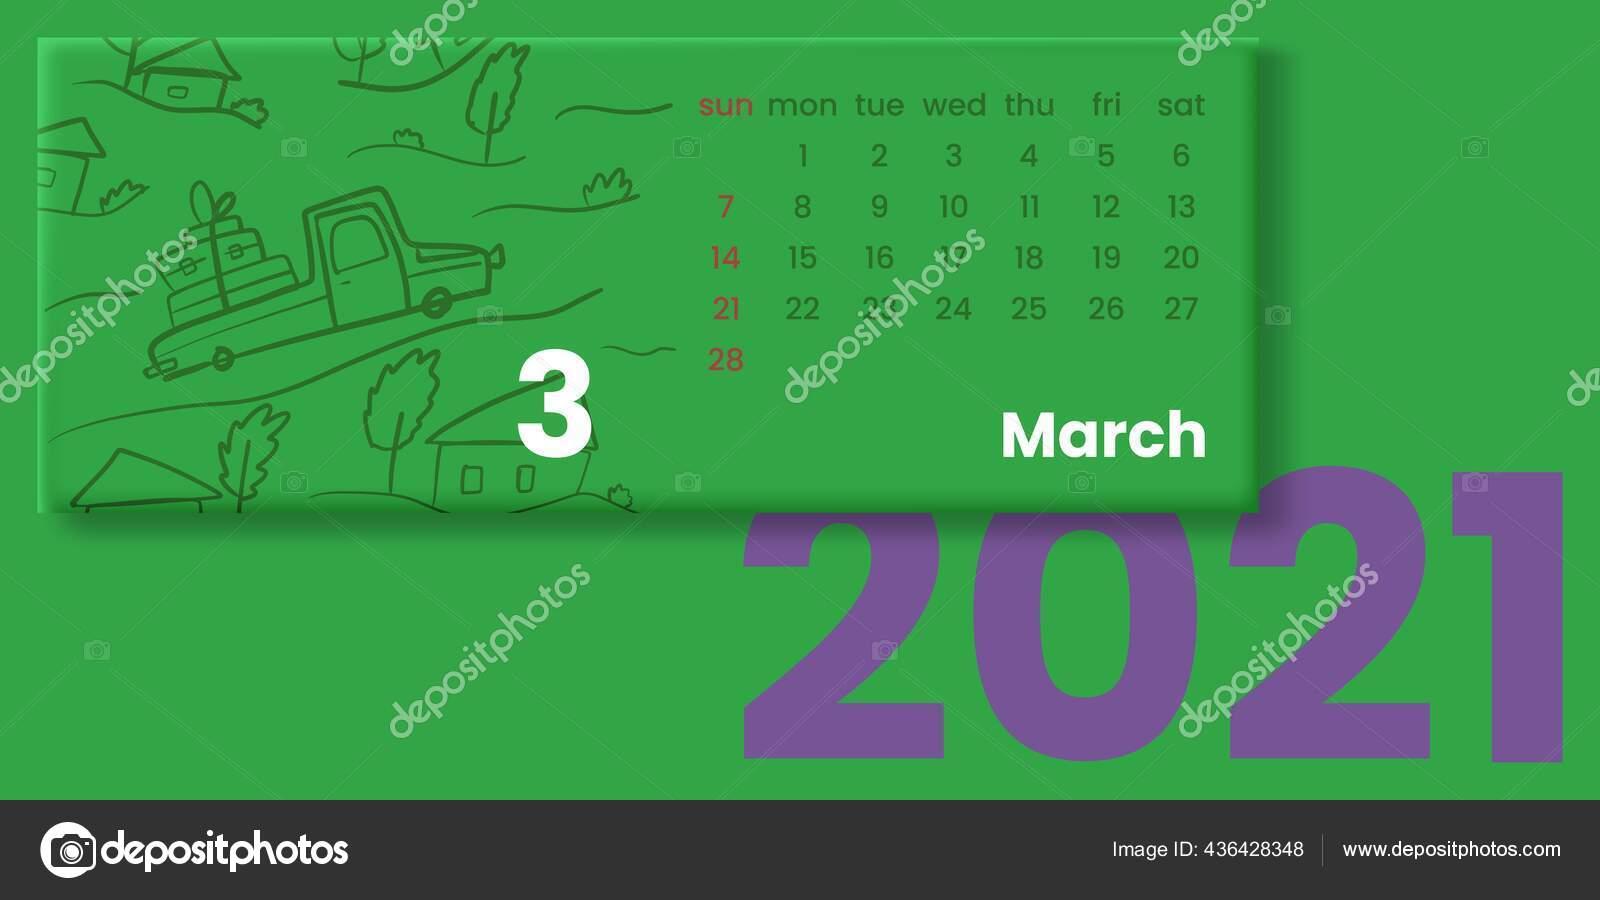 Ilustrasi Vektor Kalender 2021 — Stok Vektor © Symkin #436428348